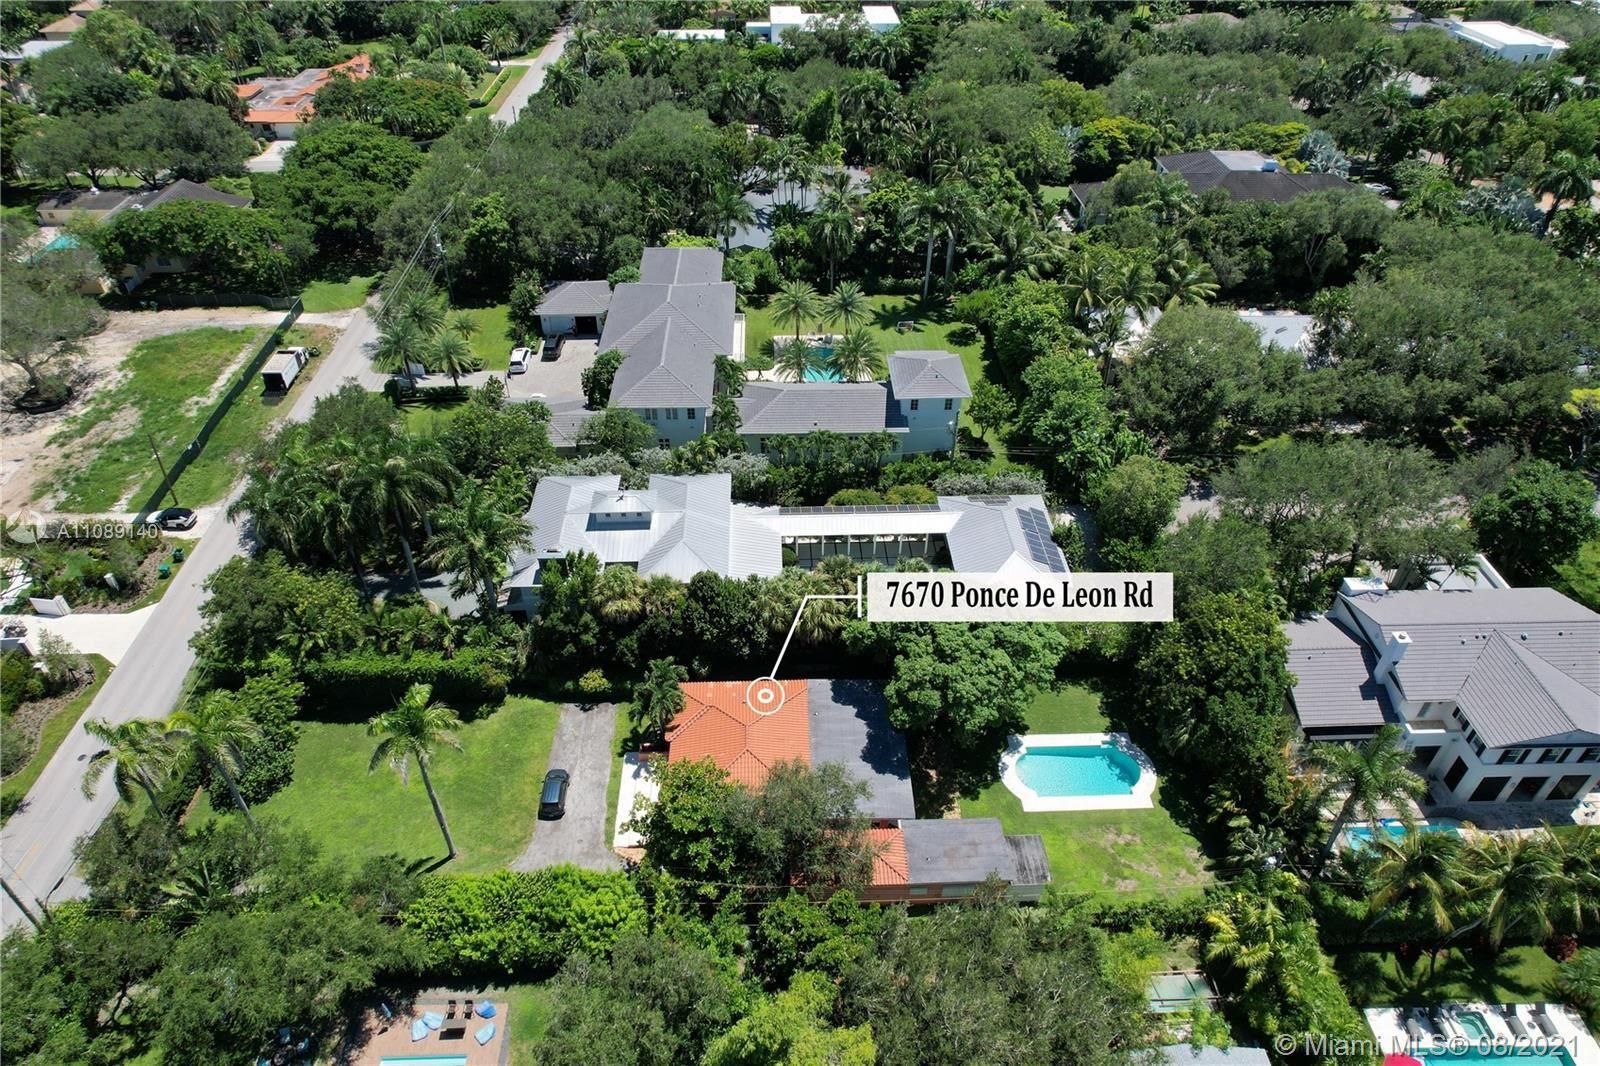 7670 Ponce De Leon Rd, Miami, FL 33143 - #: A11089140